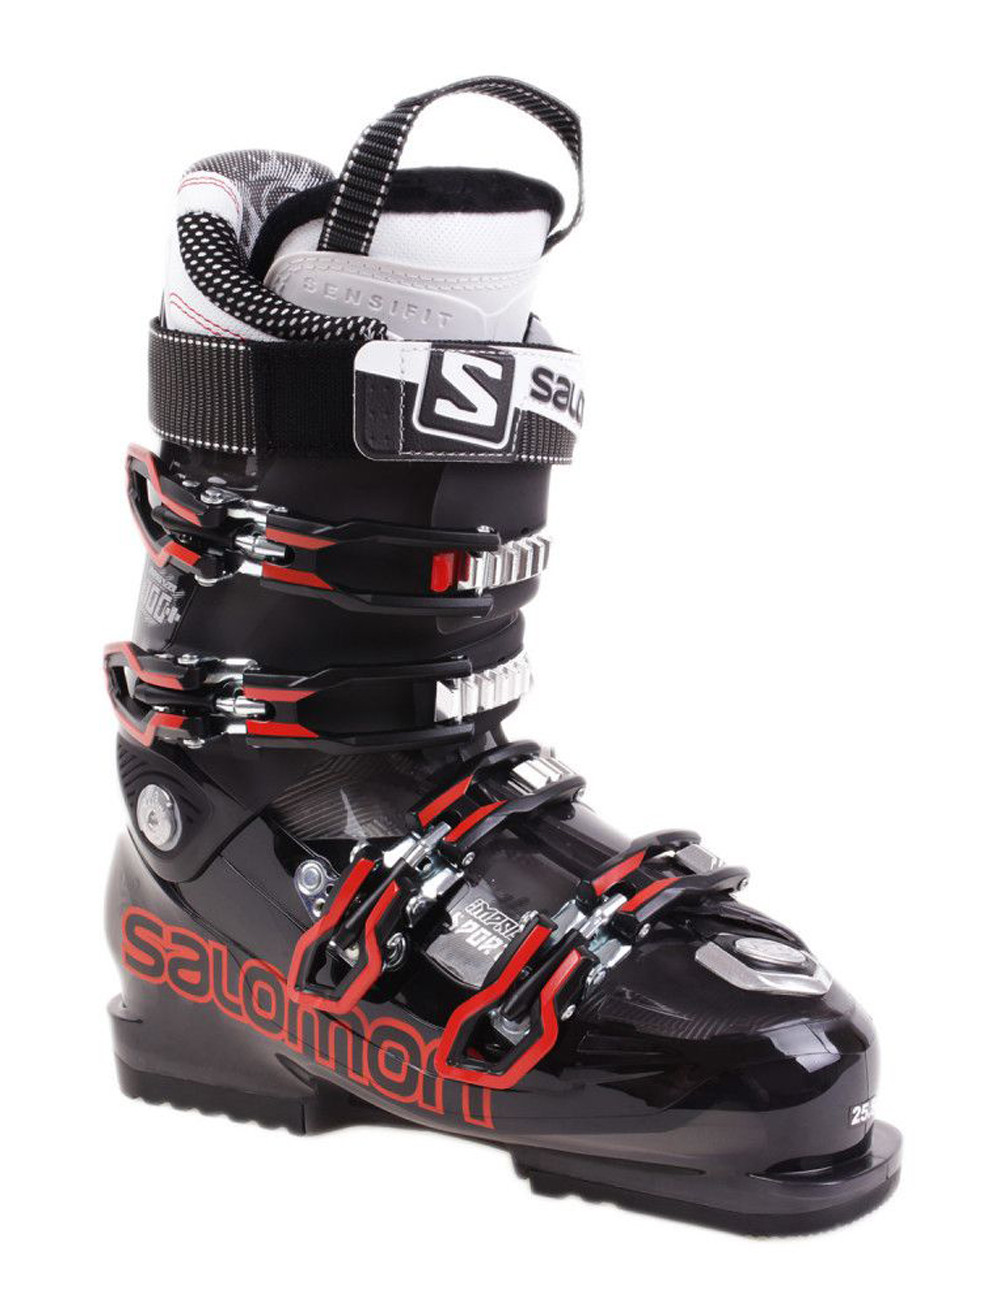 SALOMON IMPACT 100 BUTY NARCIARSKIE sklep narciarski